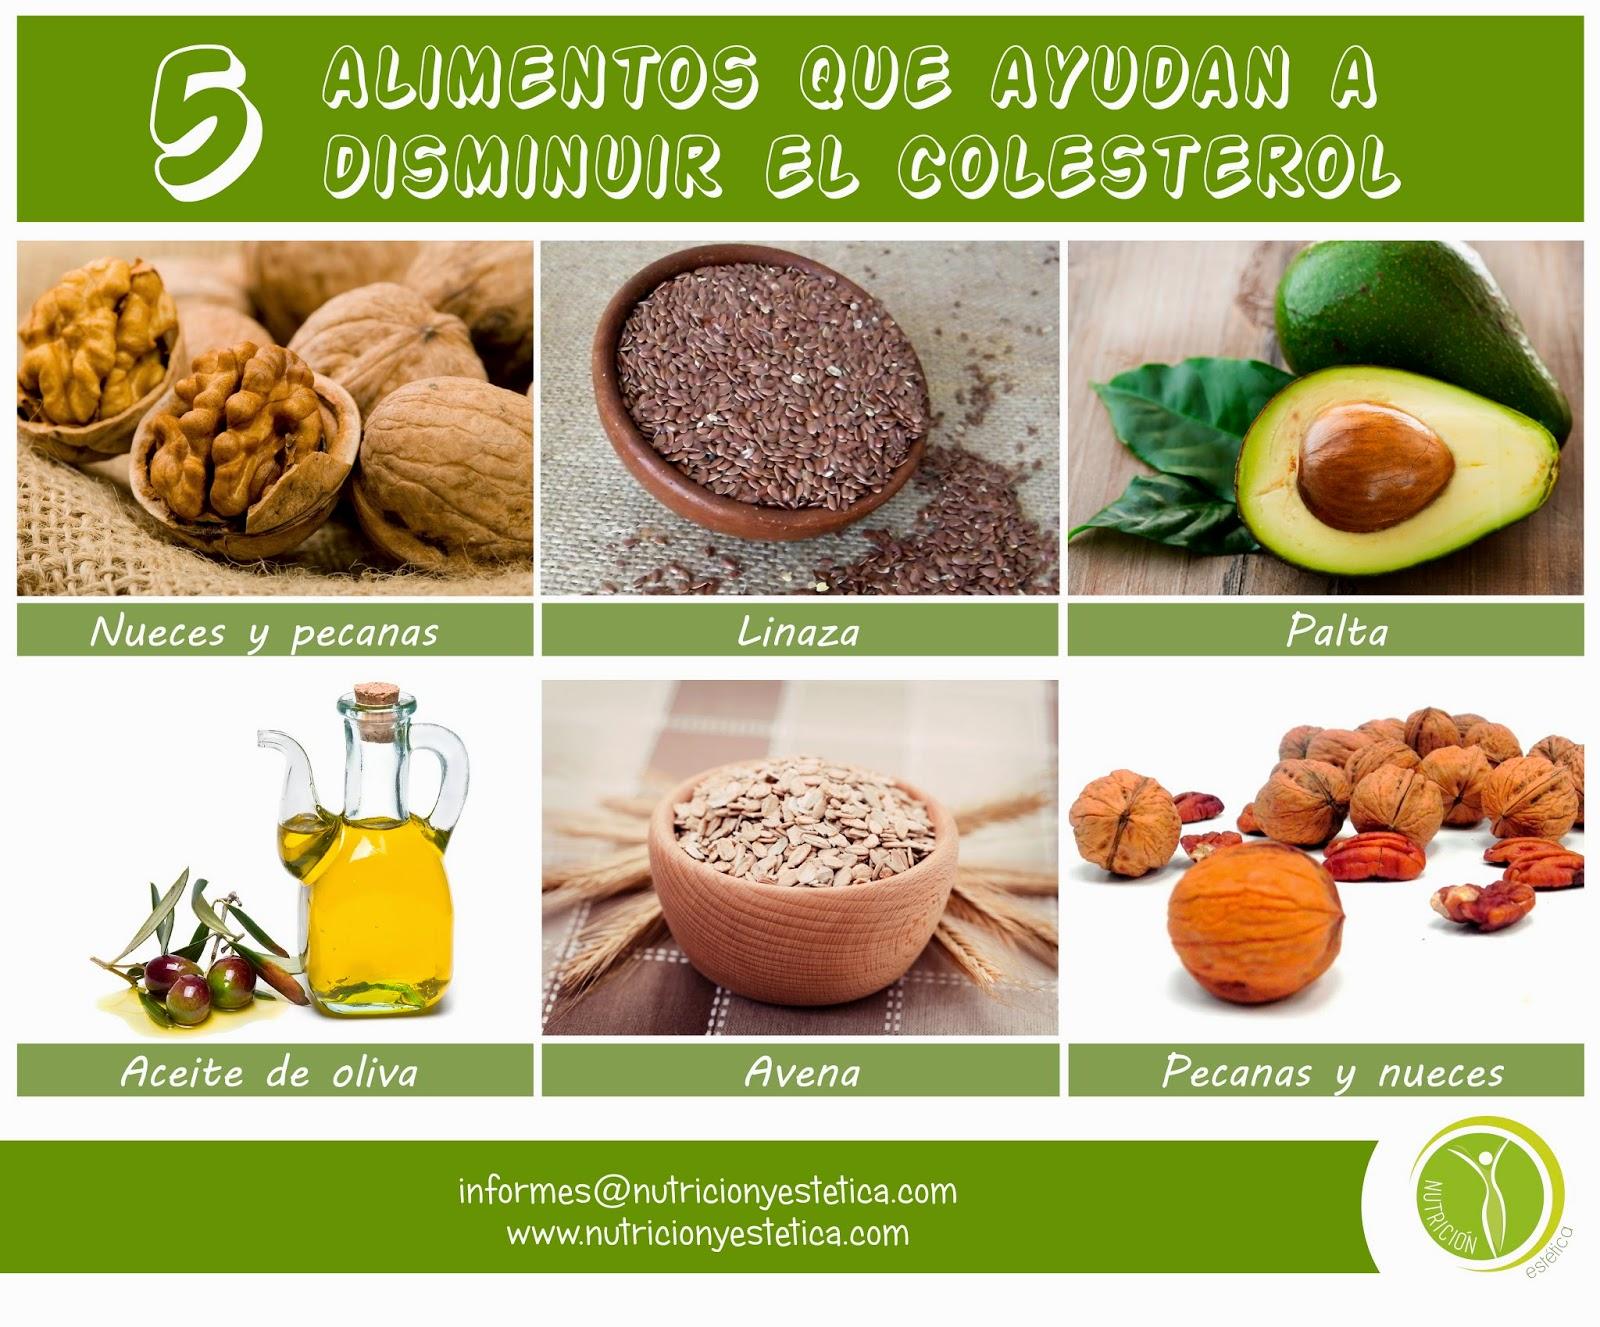 Nutricion estetica 5 alimentos que ayudan a disminuir el colesterol nutricionista lima - Alimentos q producen colesterol ...